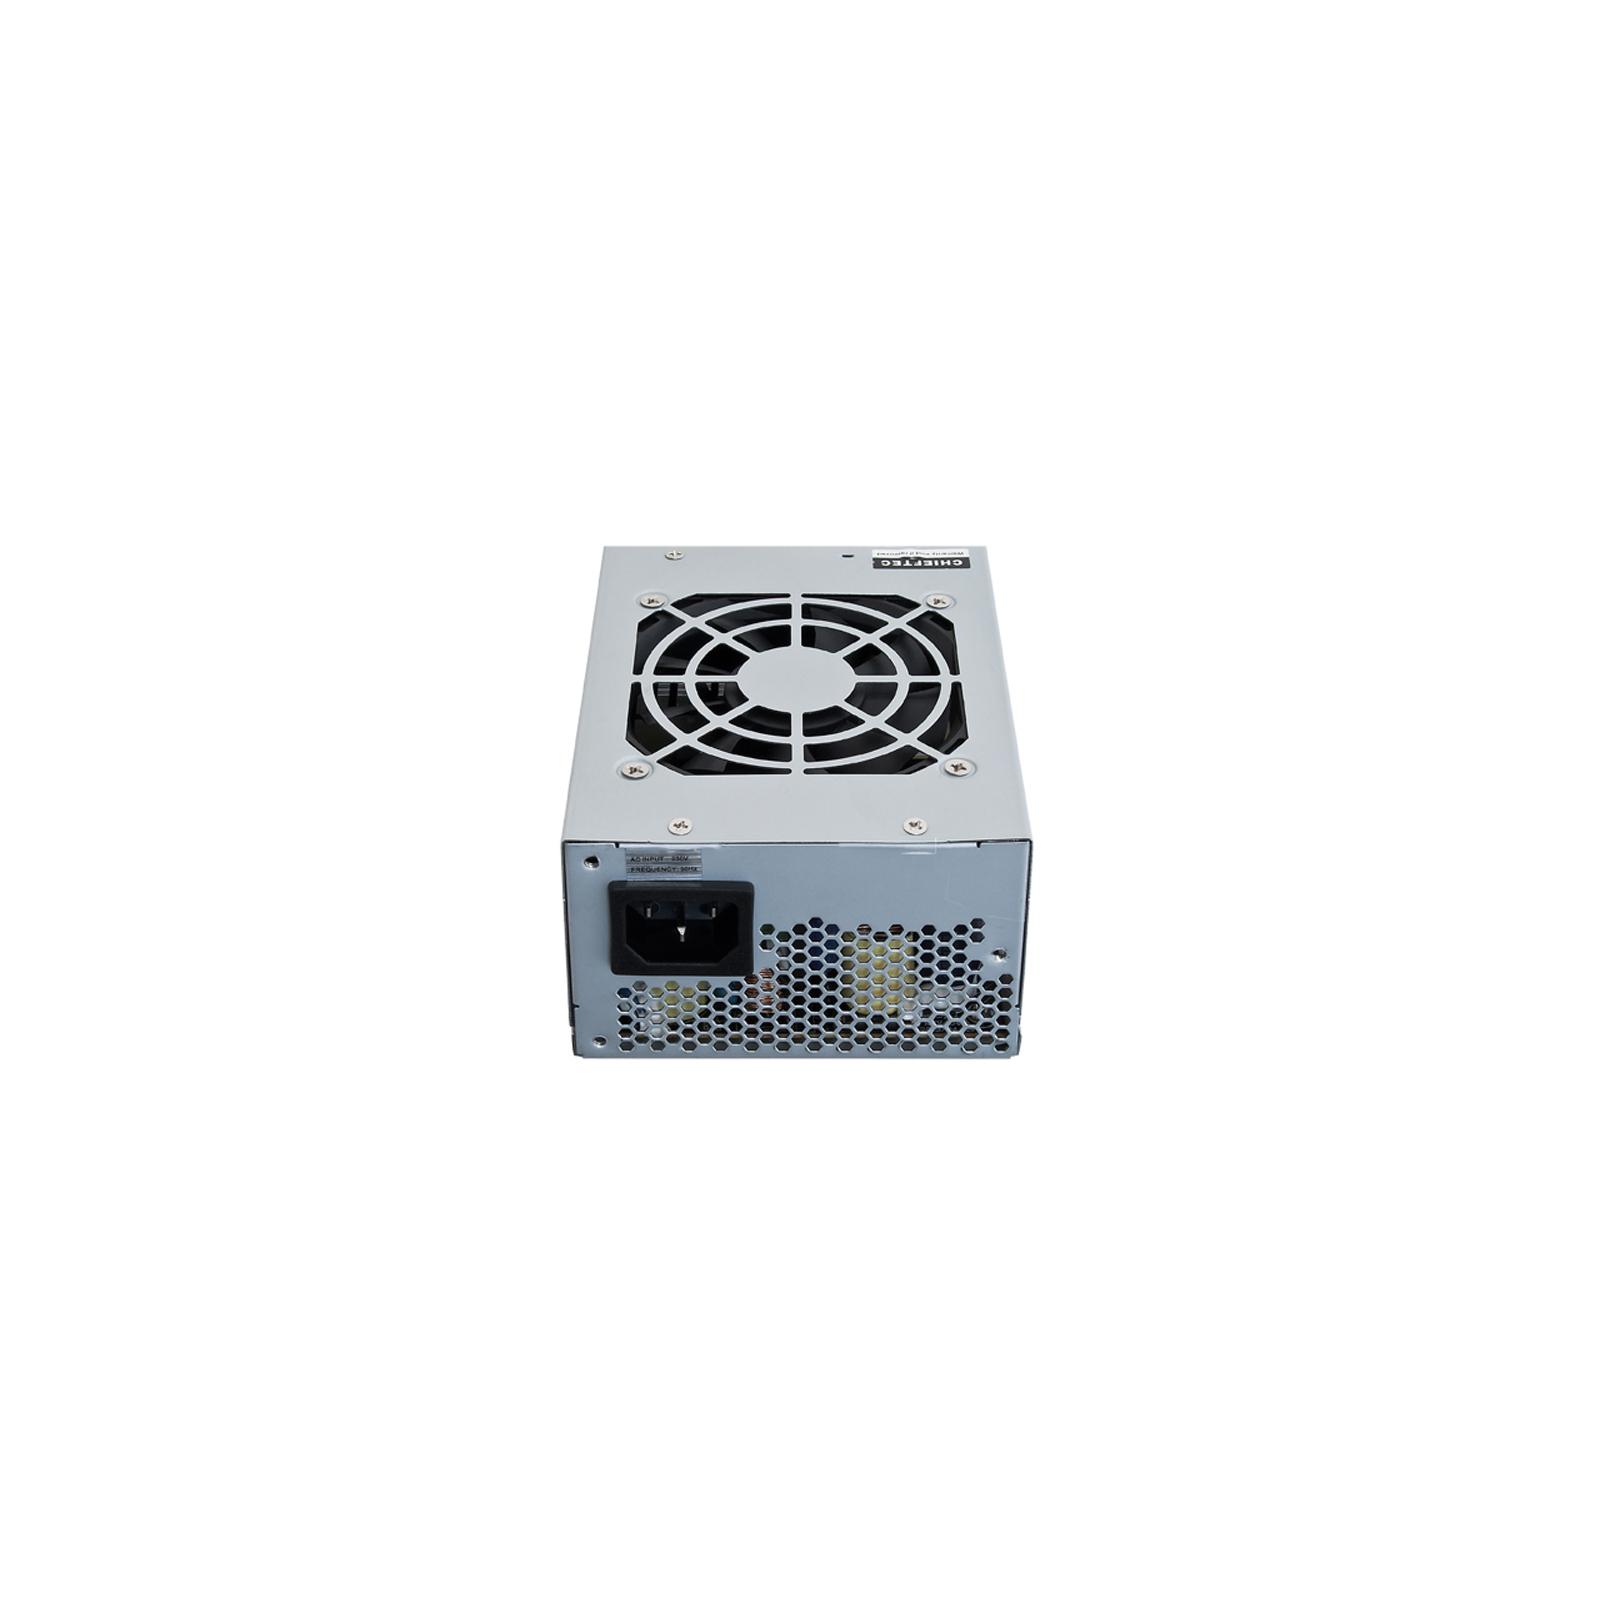 Блок питания CHIEFTEC 350W (SFX-350BS-L) изображение 2